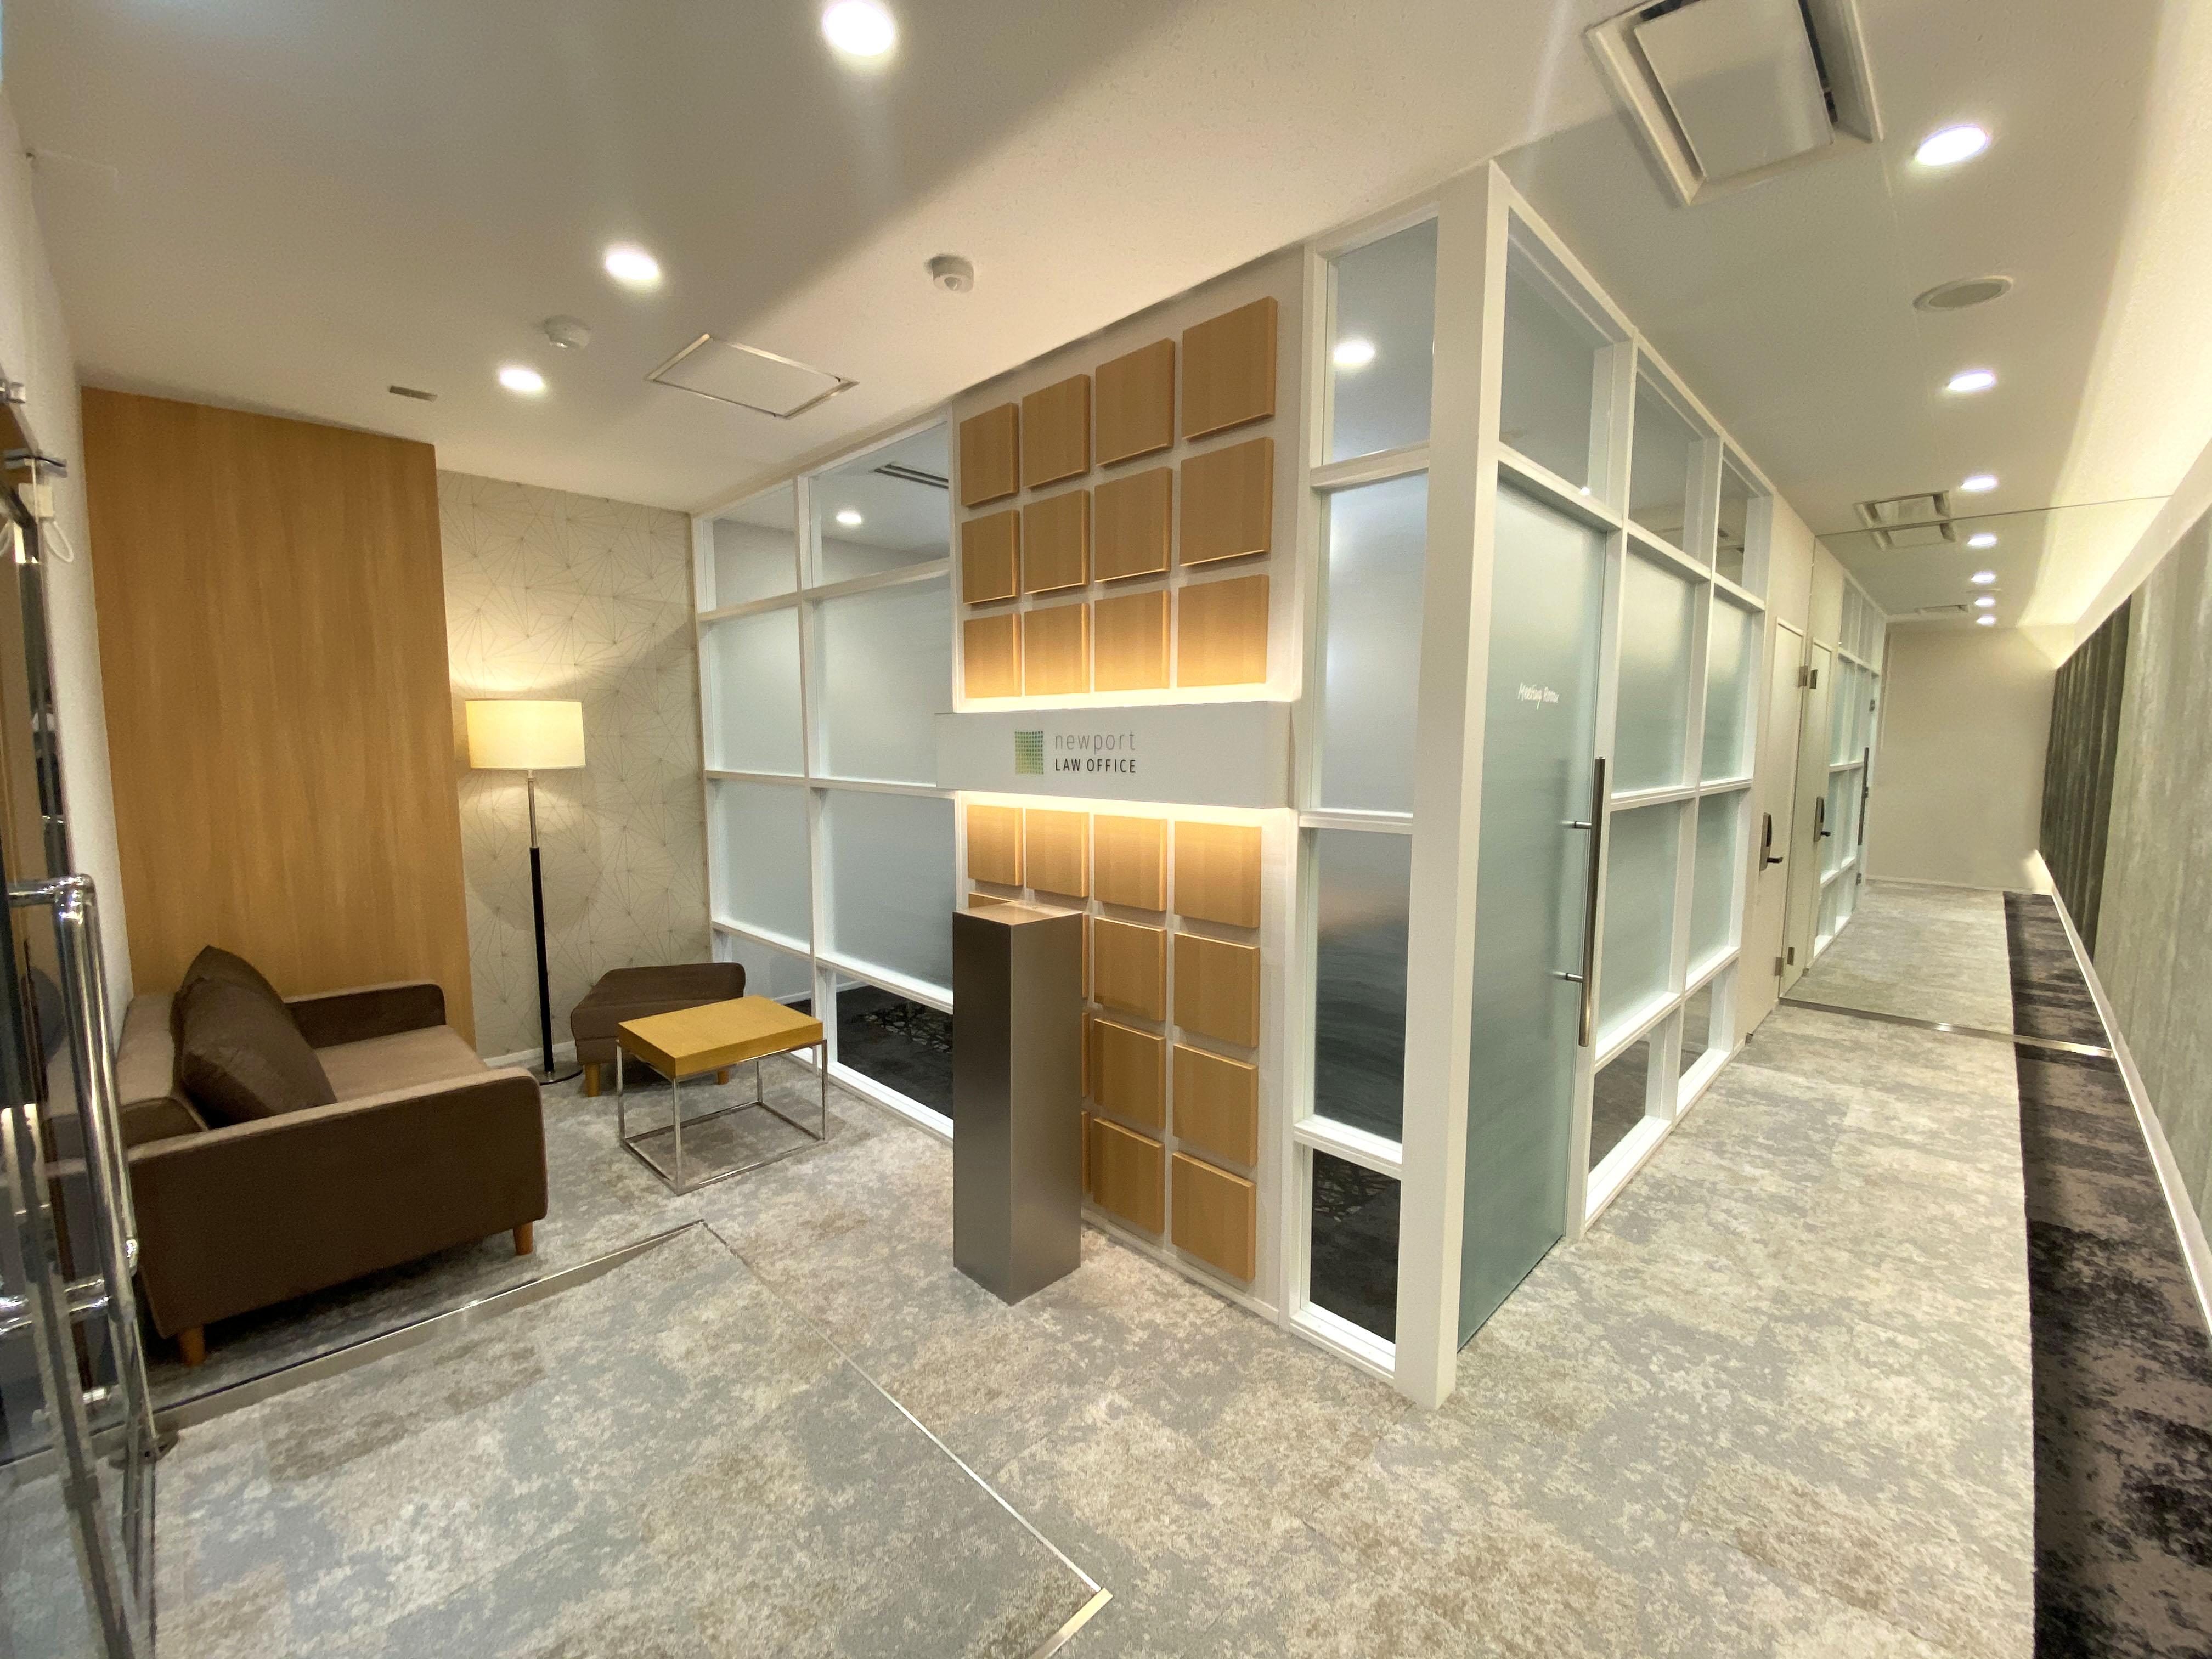 清潔で安心感を与える上質な空間